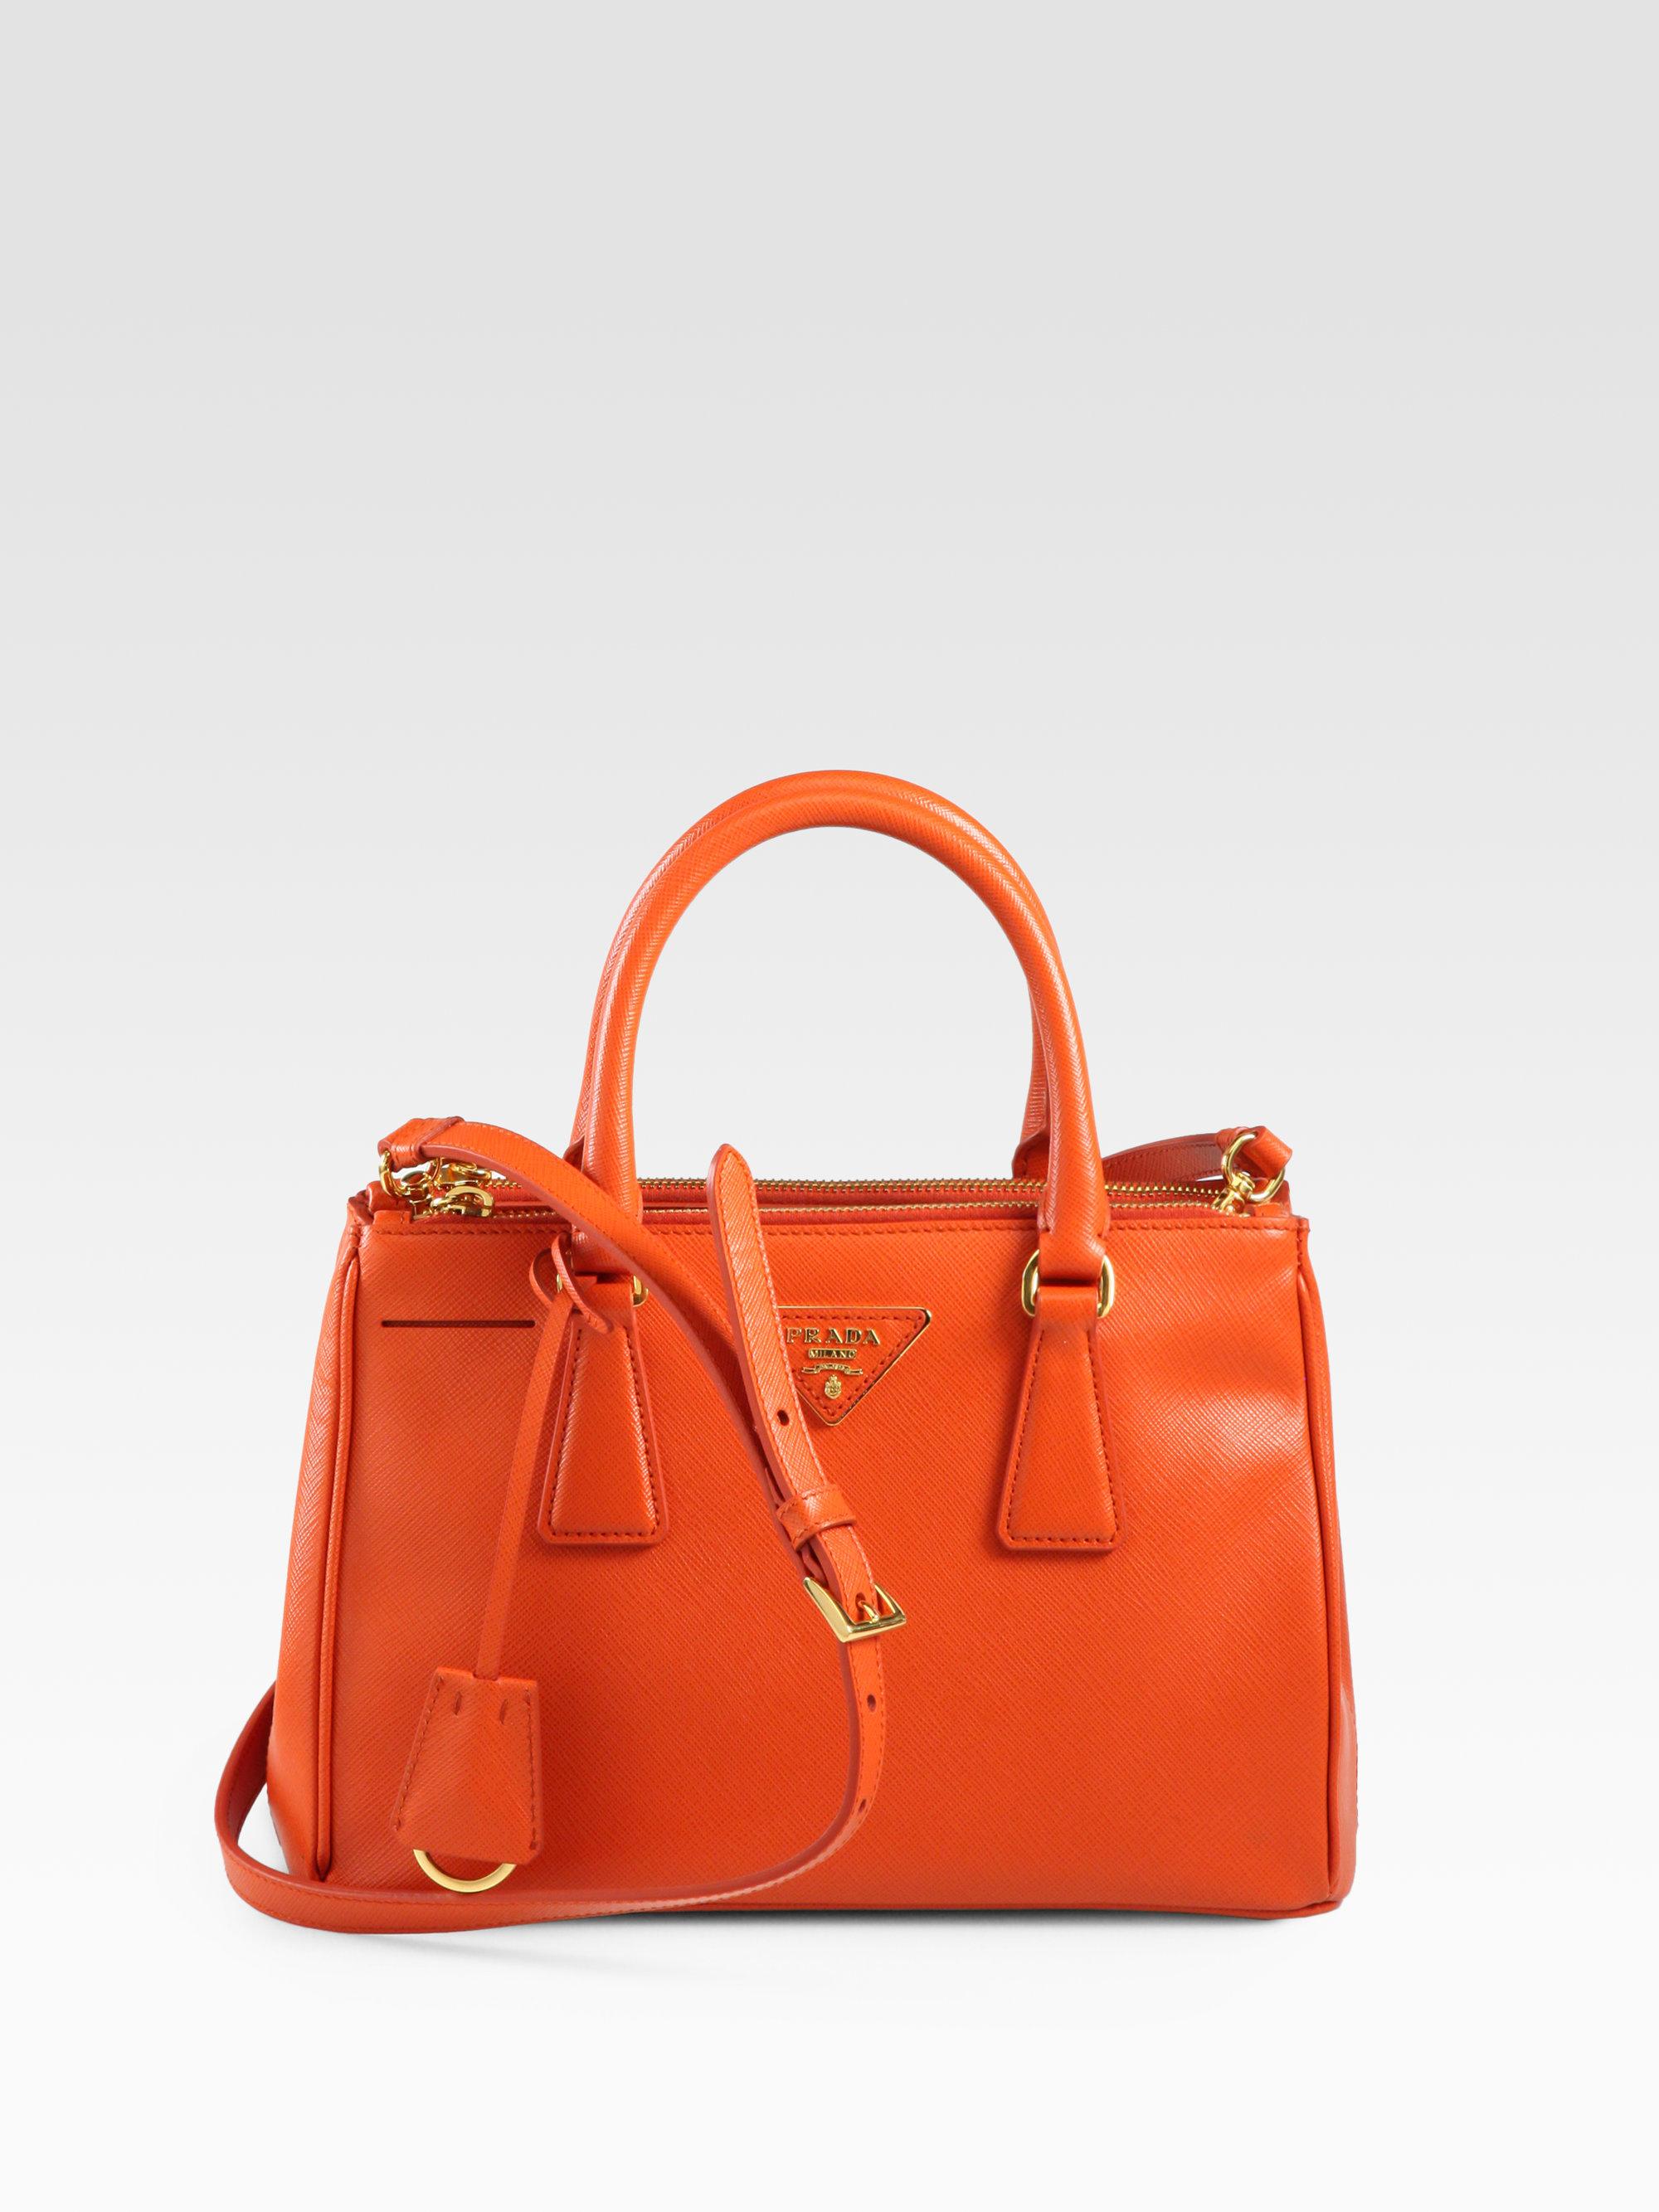 330c858a8179 ... new arrivals lyst prada saffiano lux small double zip tote in orange  d3921 1904b